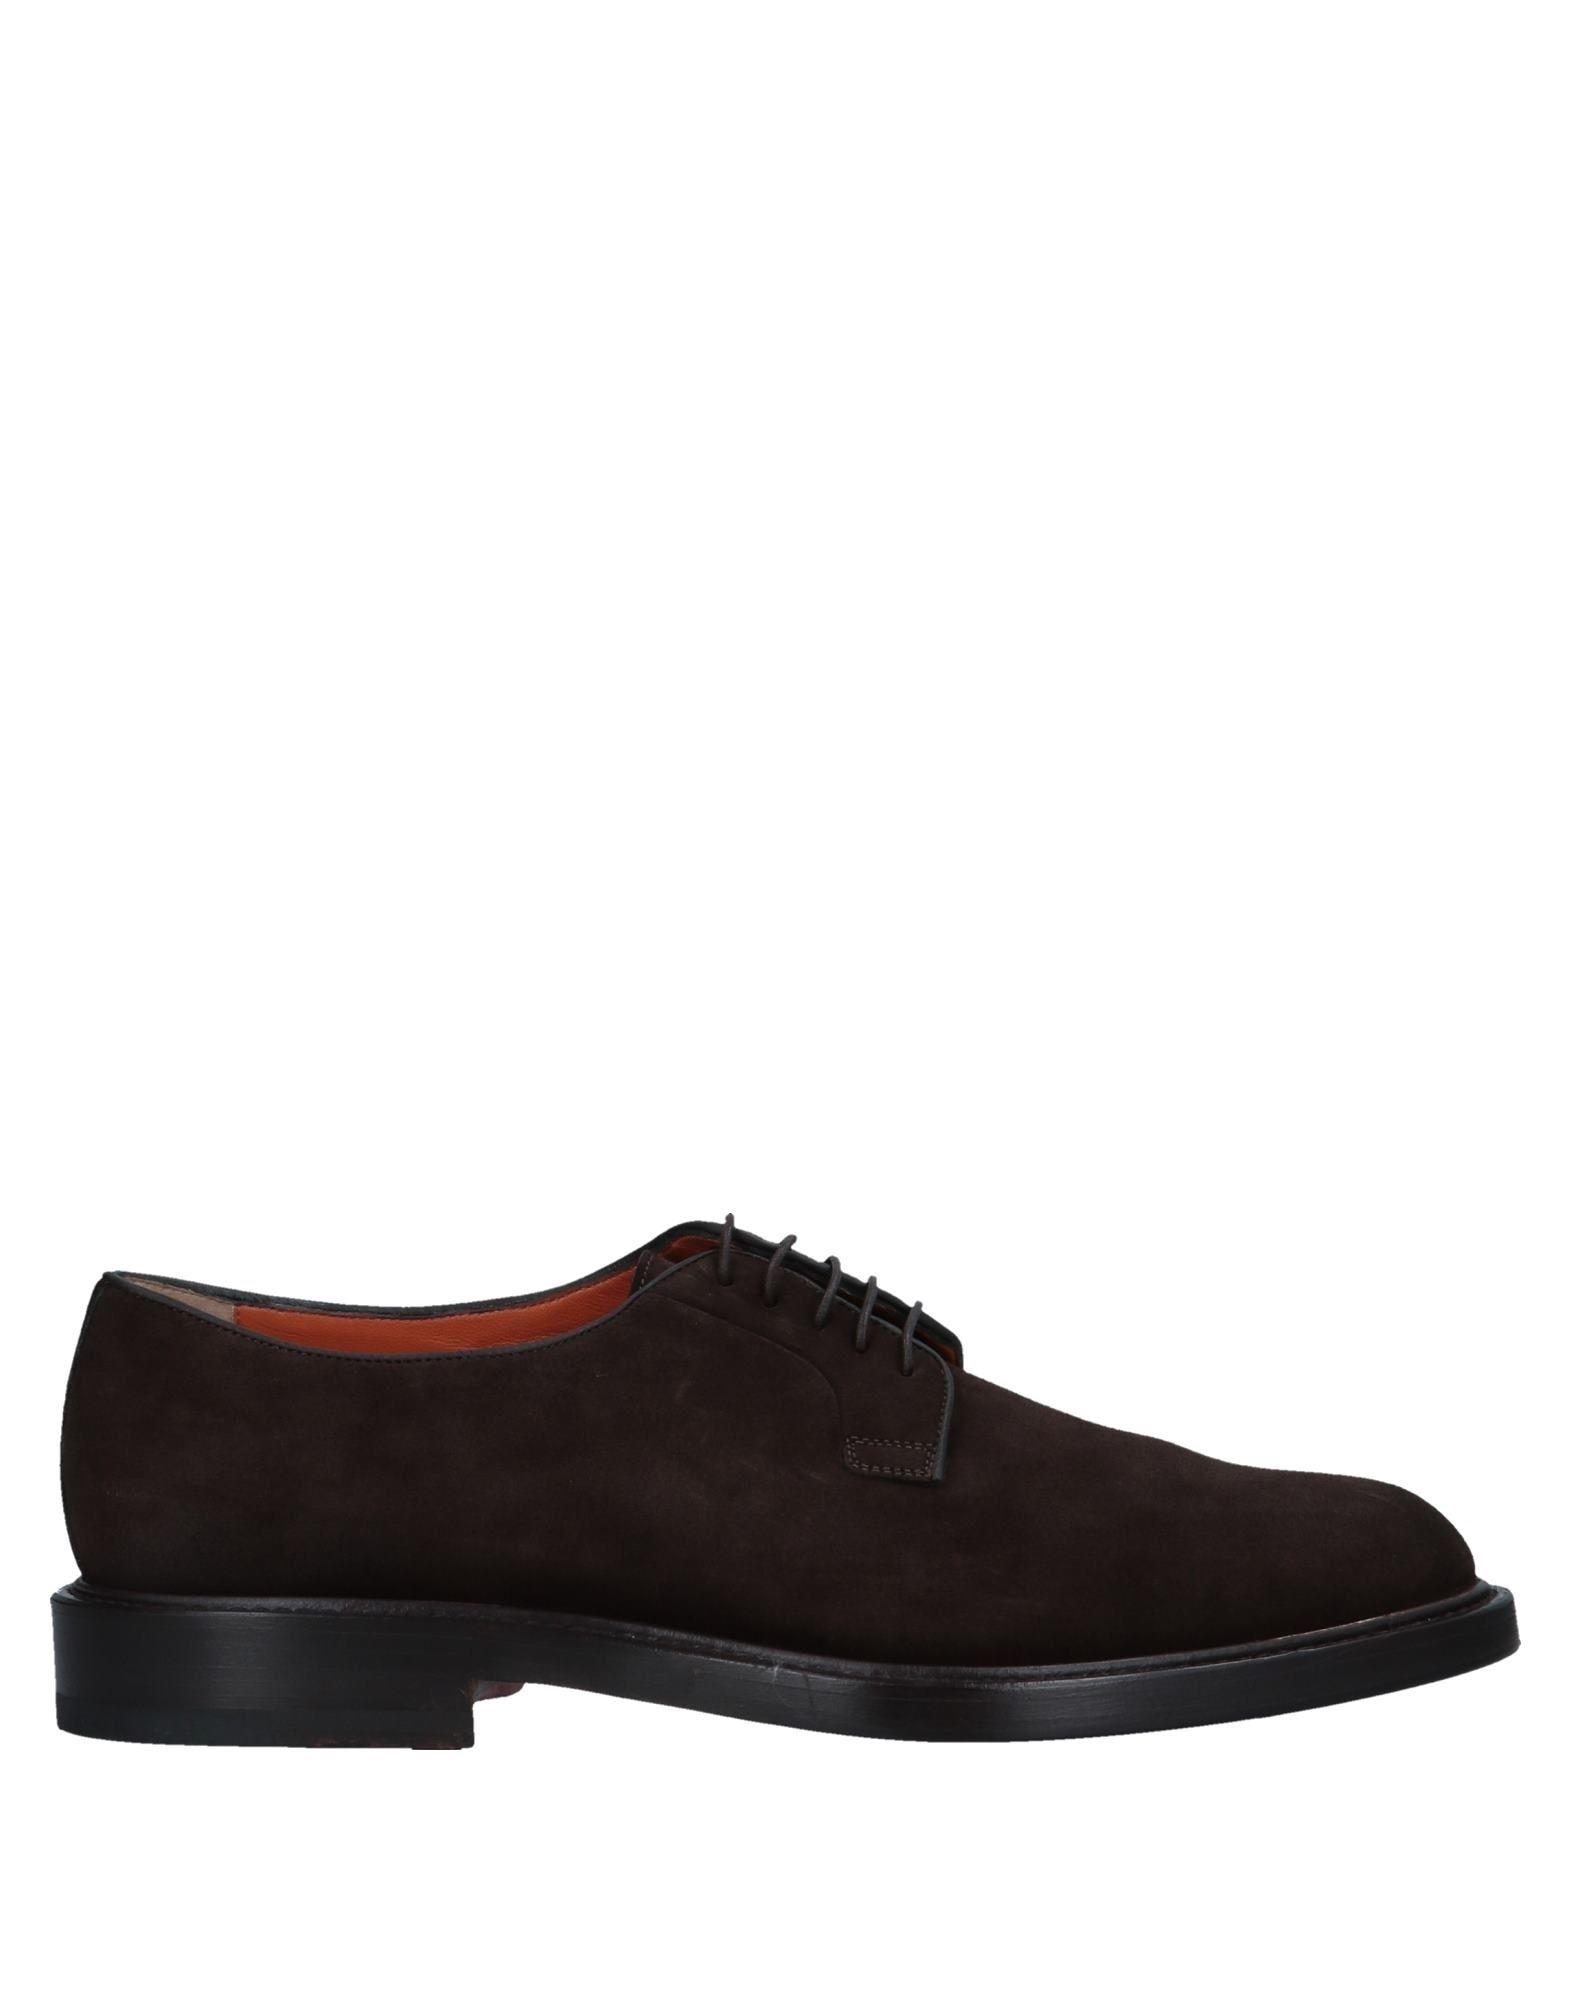 Santoni Schnürschuhe Herren  11541504VW Gute Qualität beliebte Schuhe